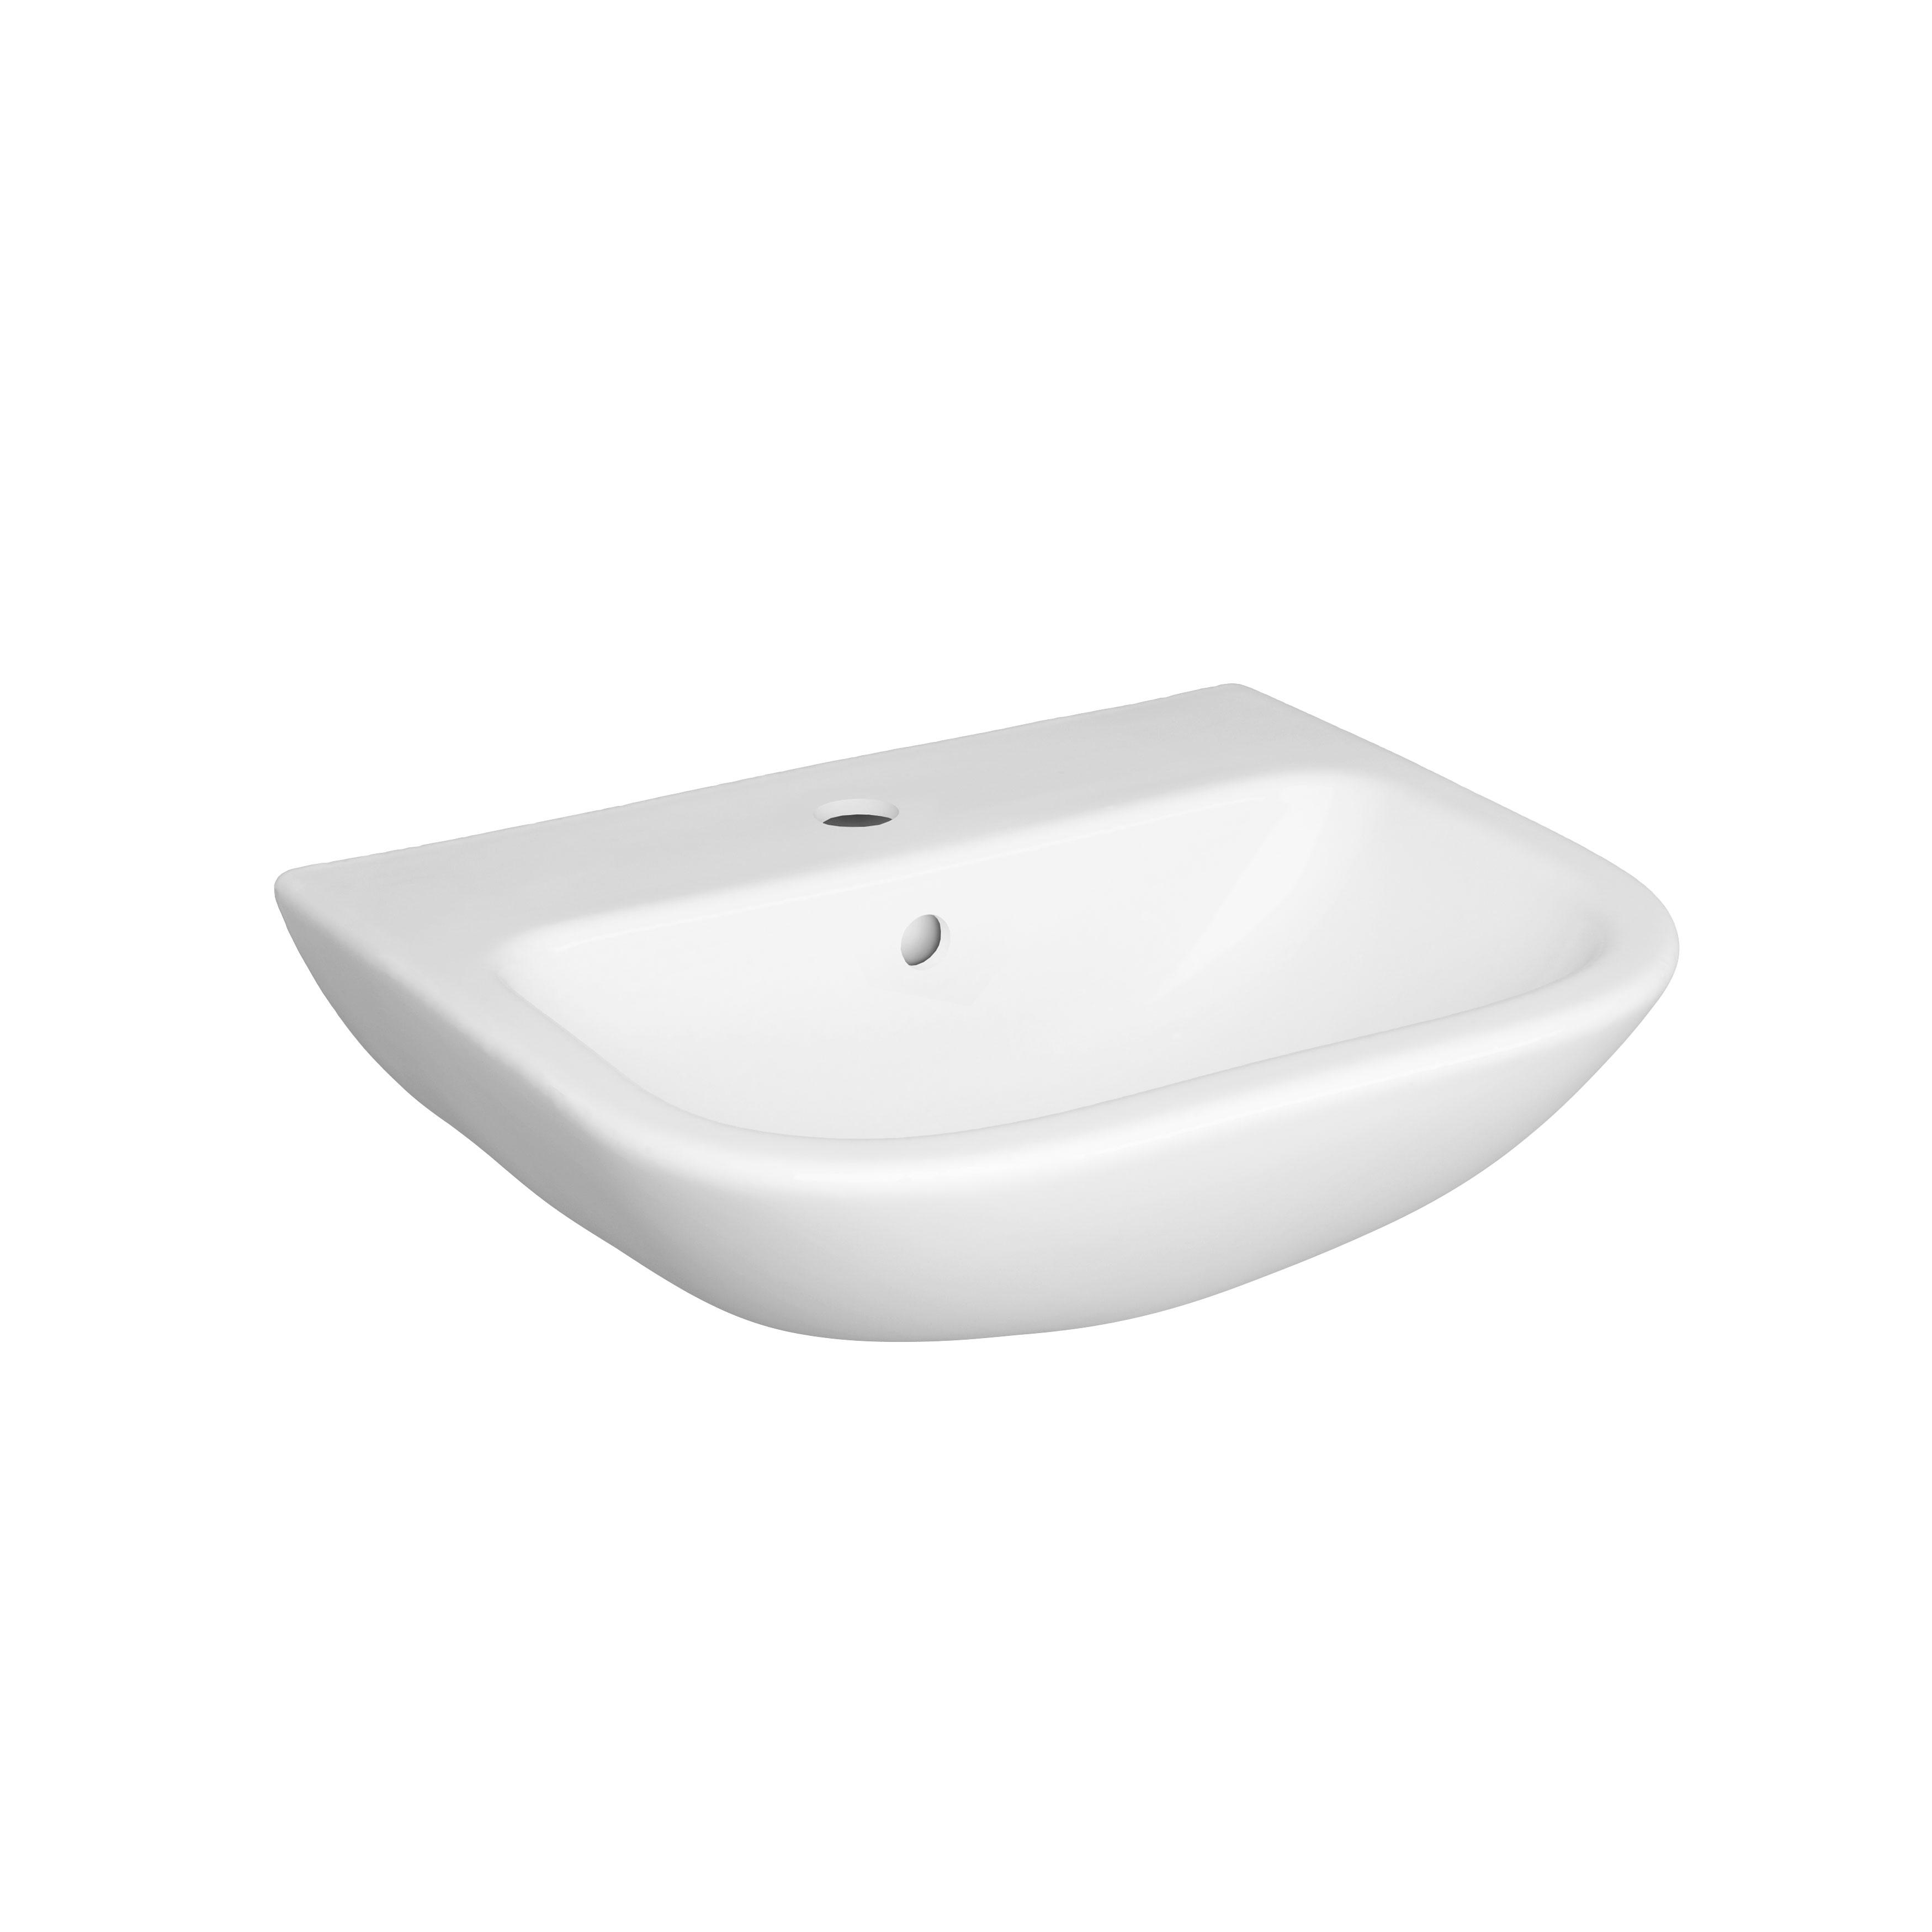 S20 Waschtisch, 50 cm, 1 Hahnloch, Weiß